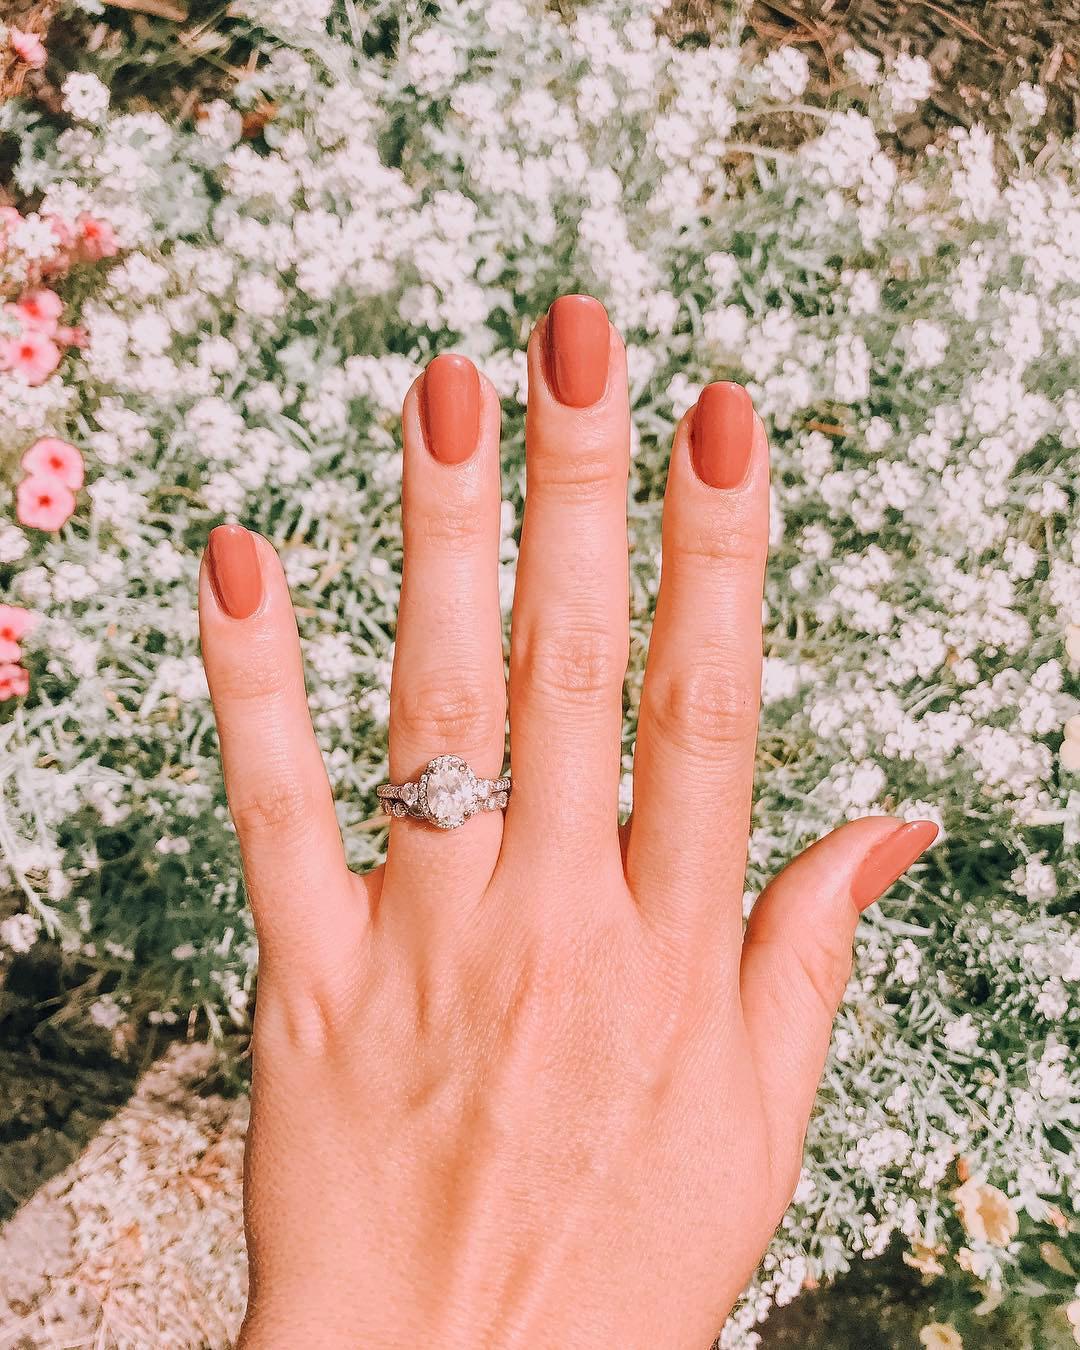 engagement ring selfie flower garden